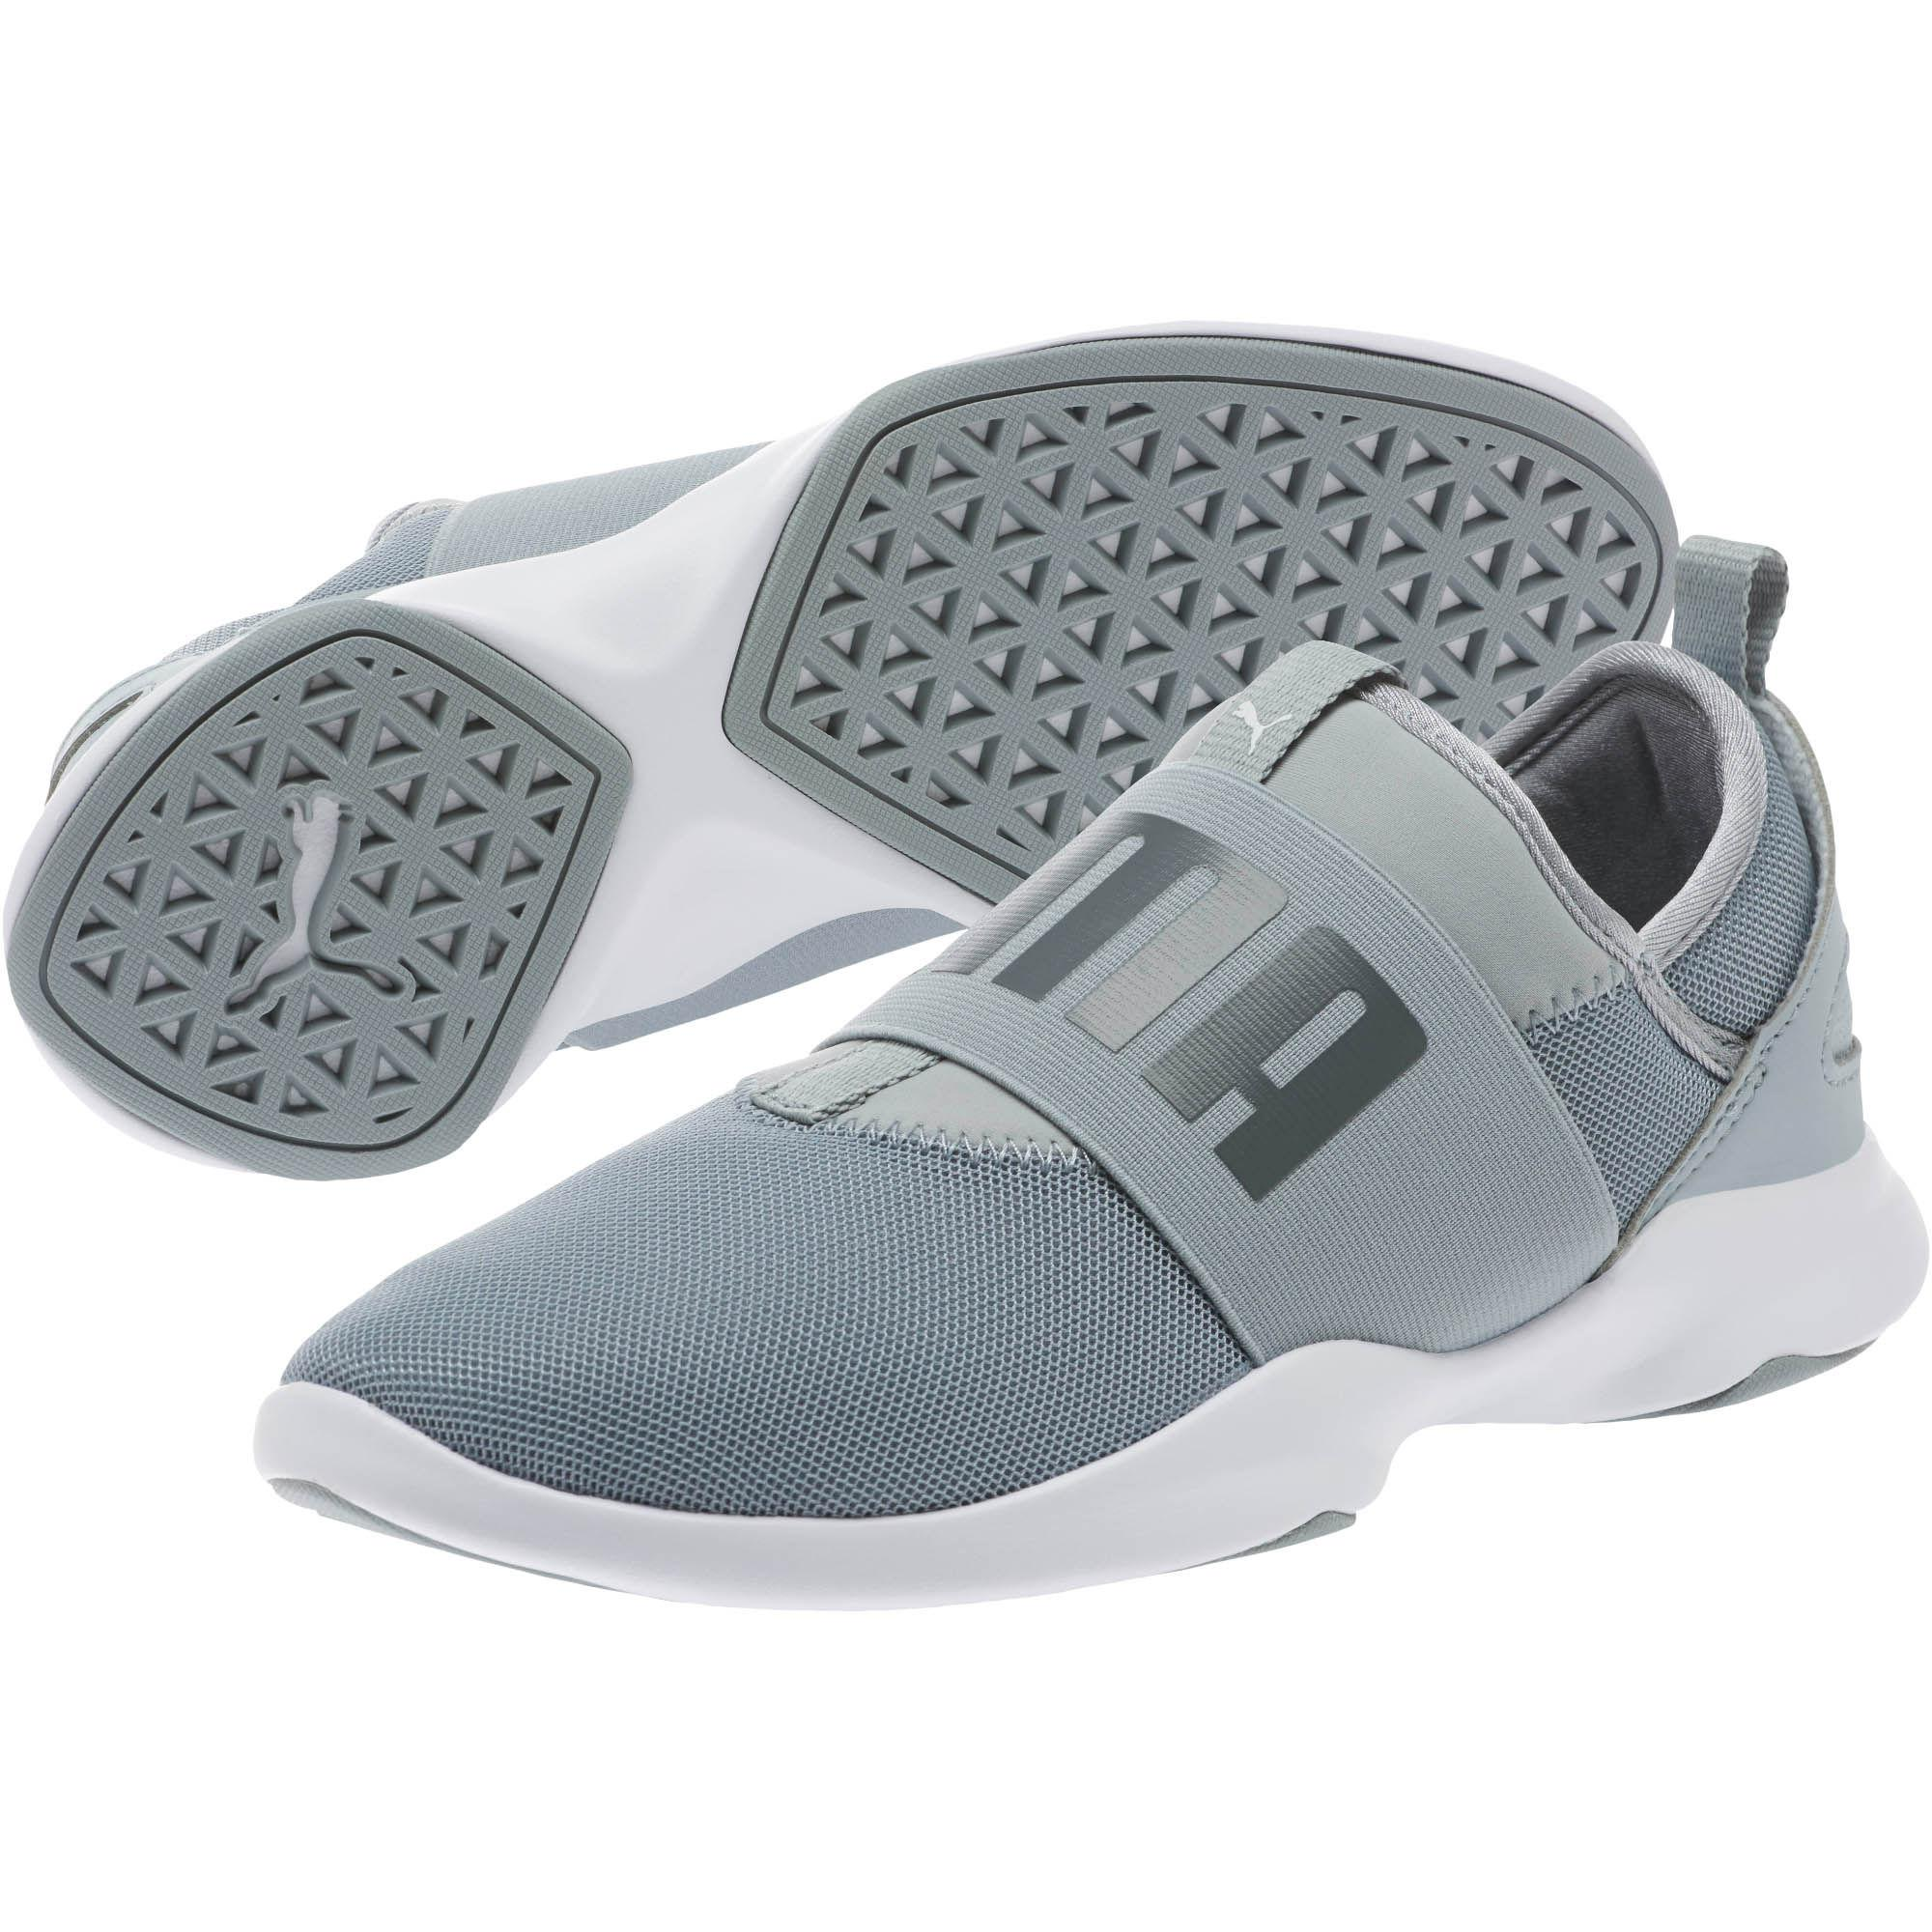 13877d1dce7 Lyst - PUMA Dare Women s Slip-on Sneakers